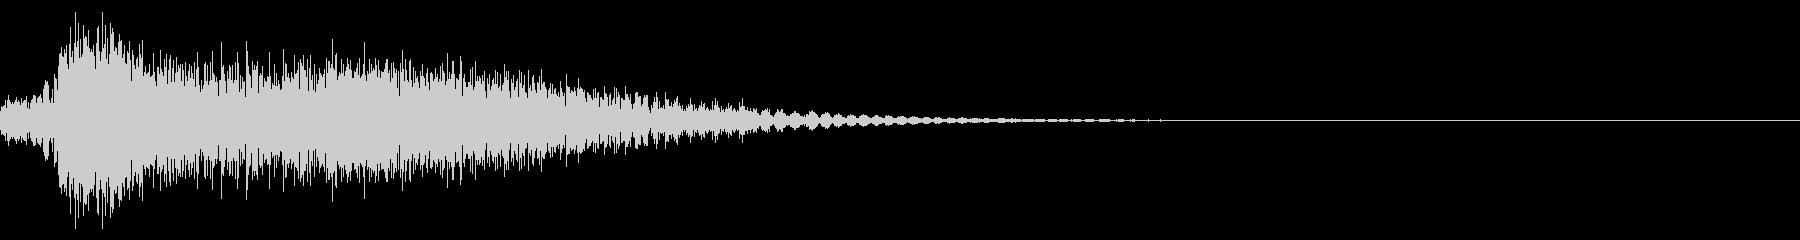 ガキーン!【斬撃・剣と剣のぶつかり合い】の未再生の波形